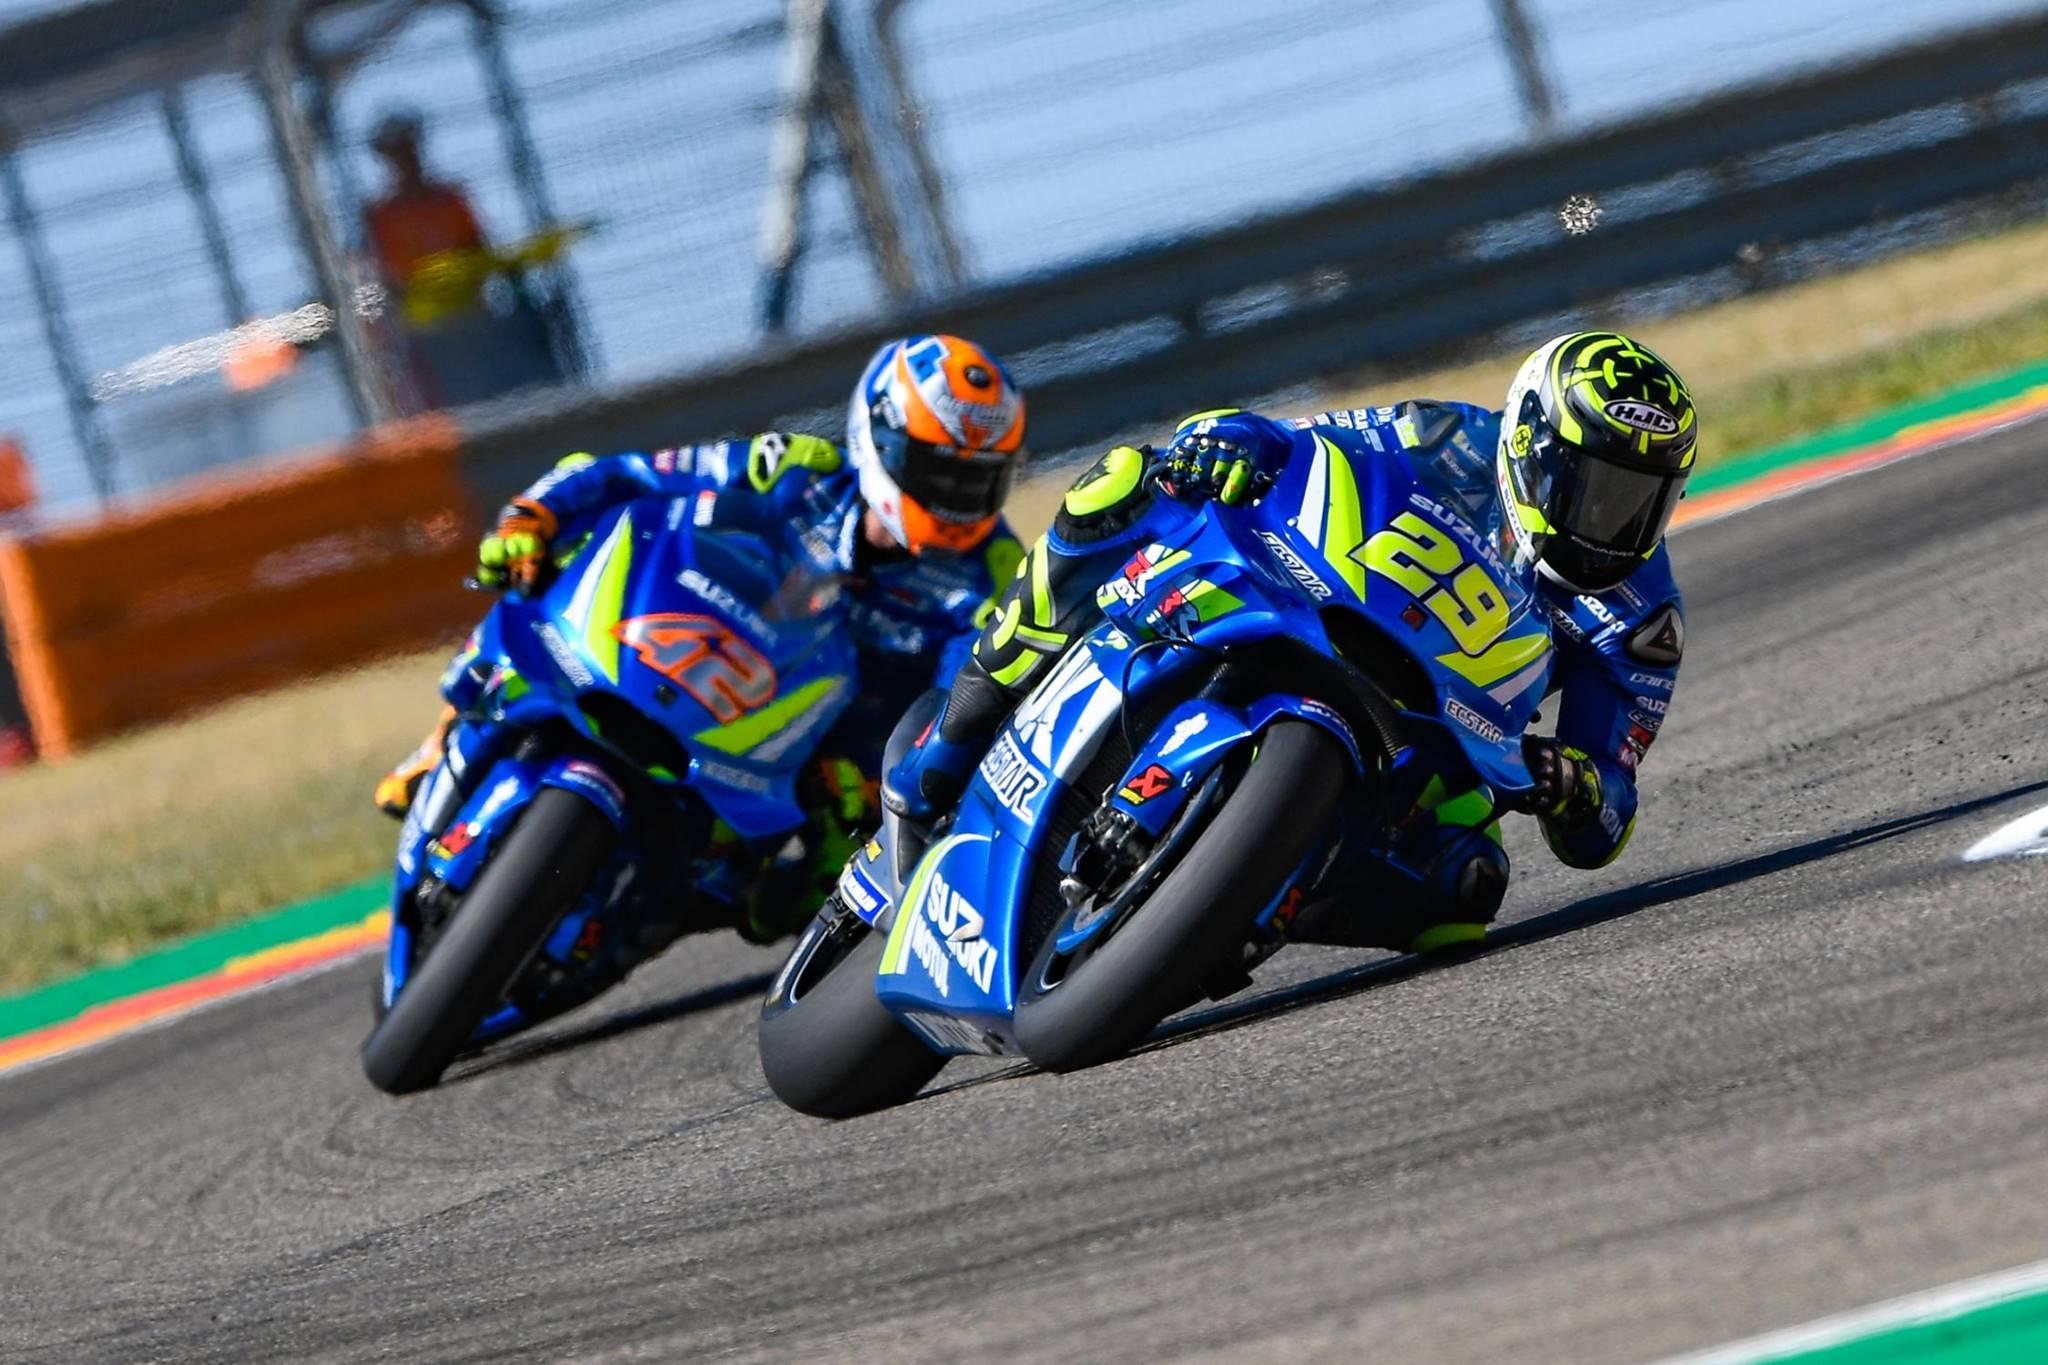 4432986_AragonGP_MotoGP_2018_Xe_Tinhte_029.jpg